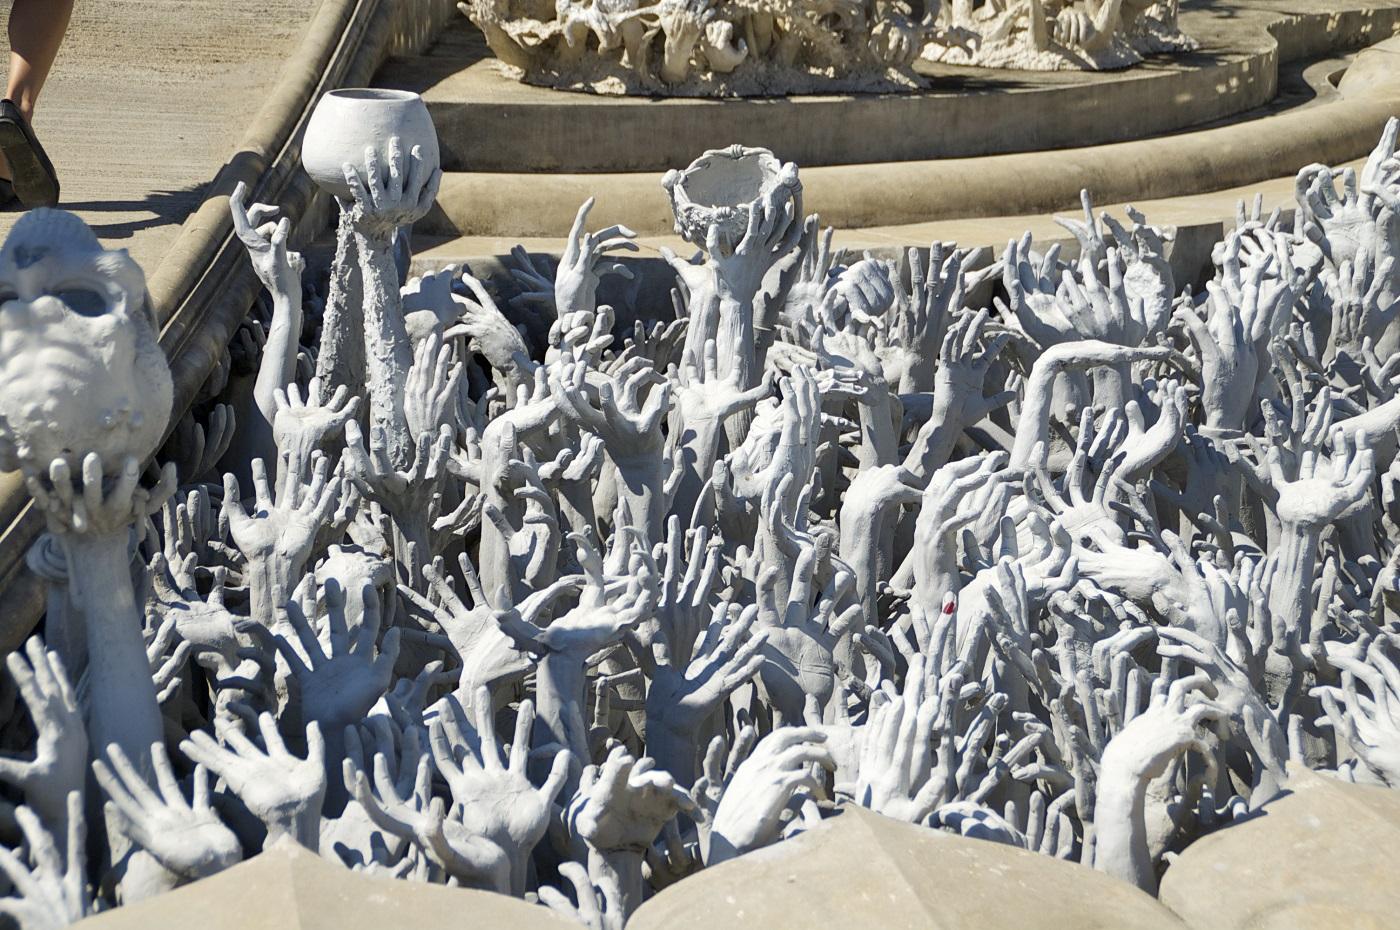 Peste 500 de mâini întinse au fost sculptate de o parte și de alta la intrarea în templu